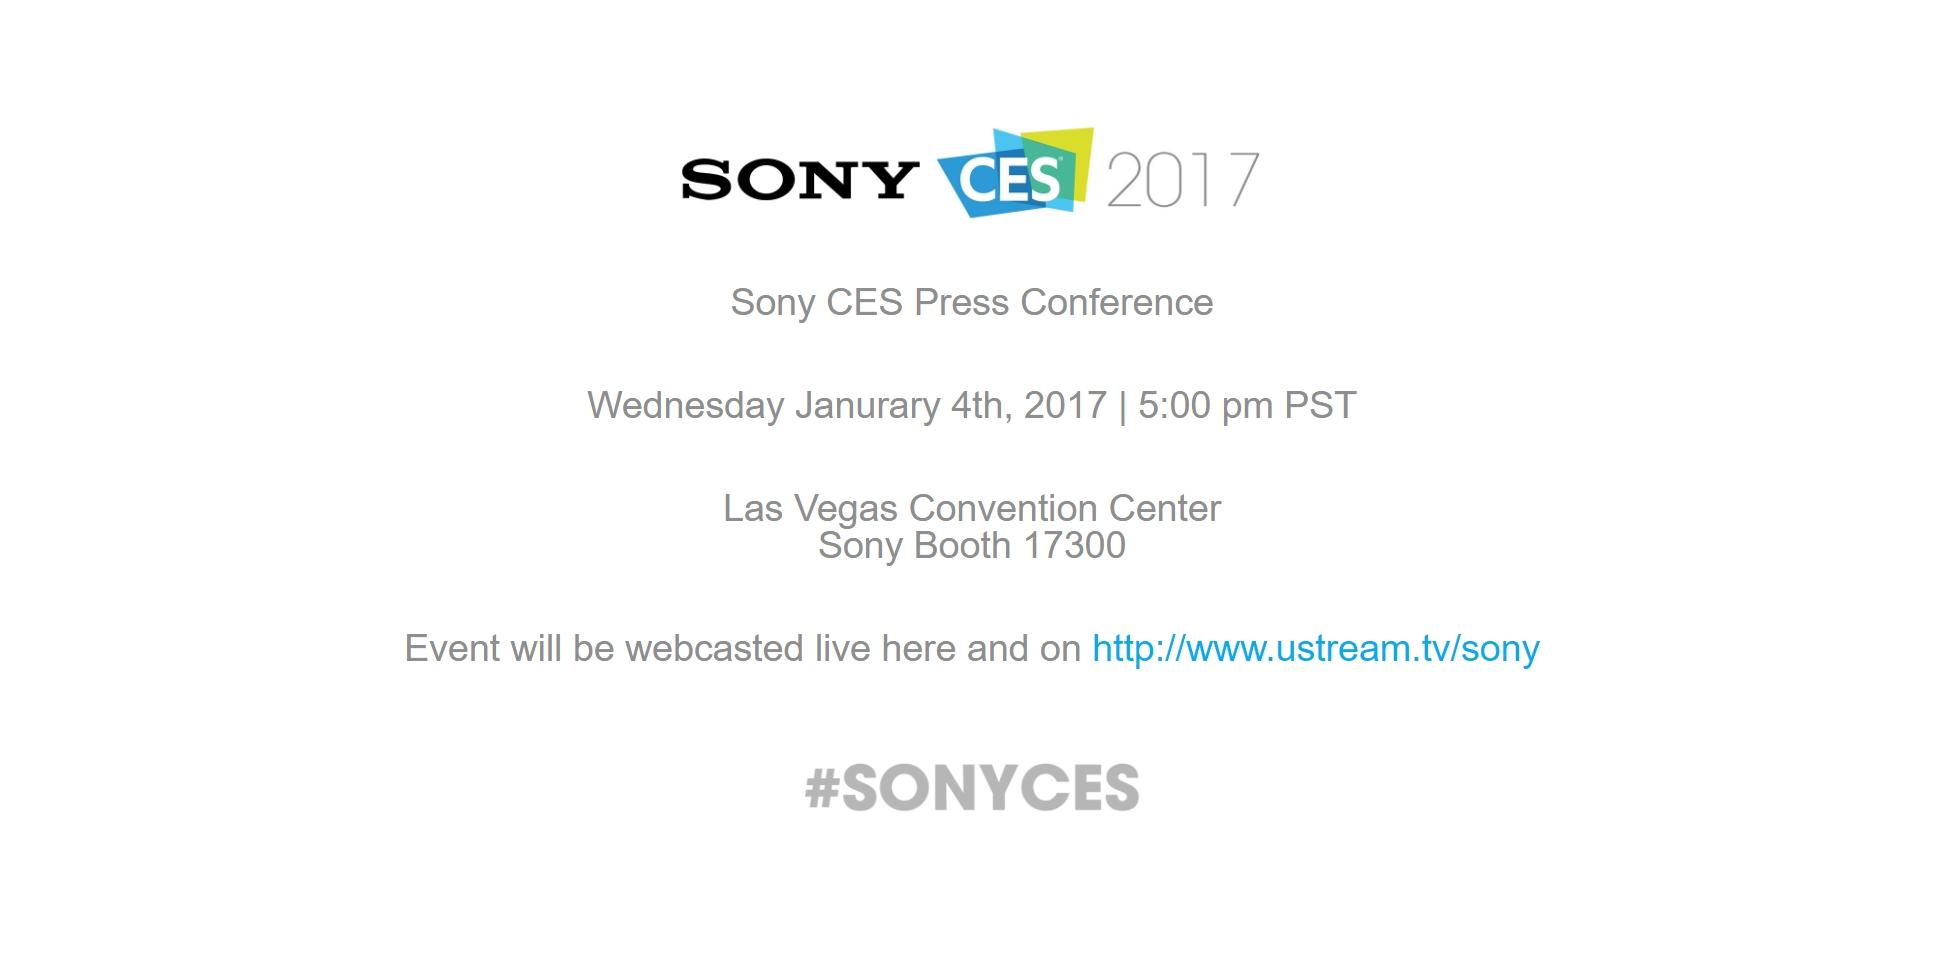 CES 2017 : Sony organisera une conférence de presse le 4 janvier